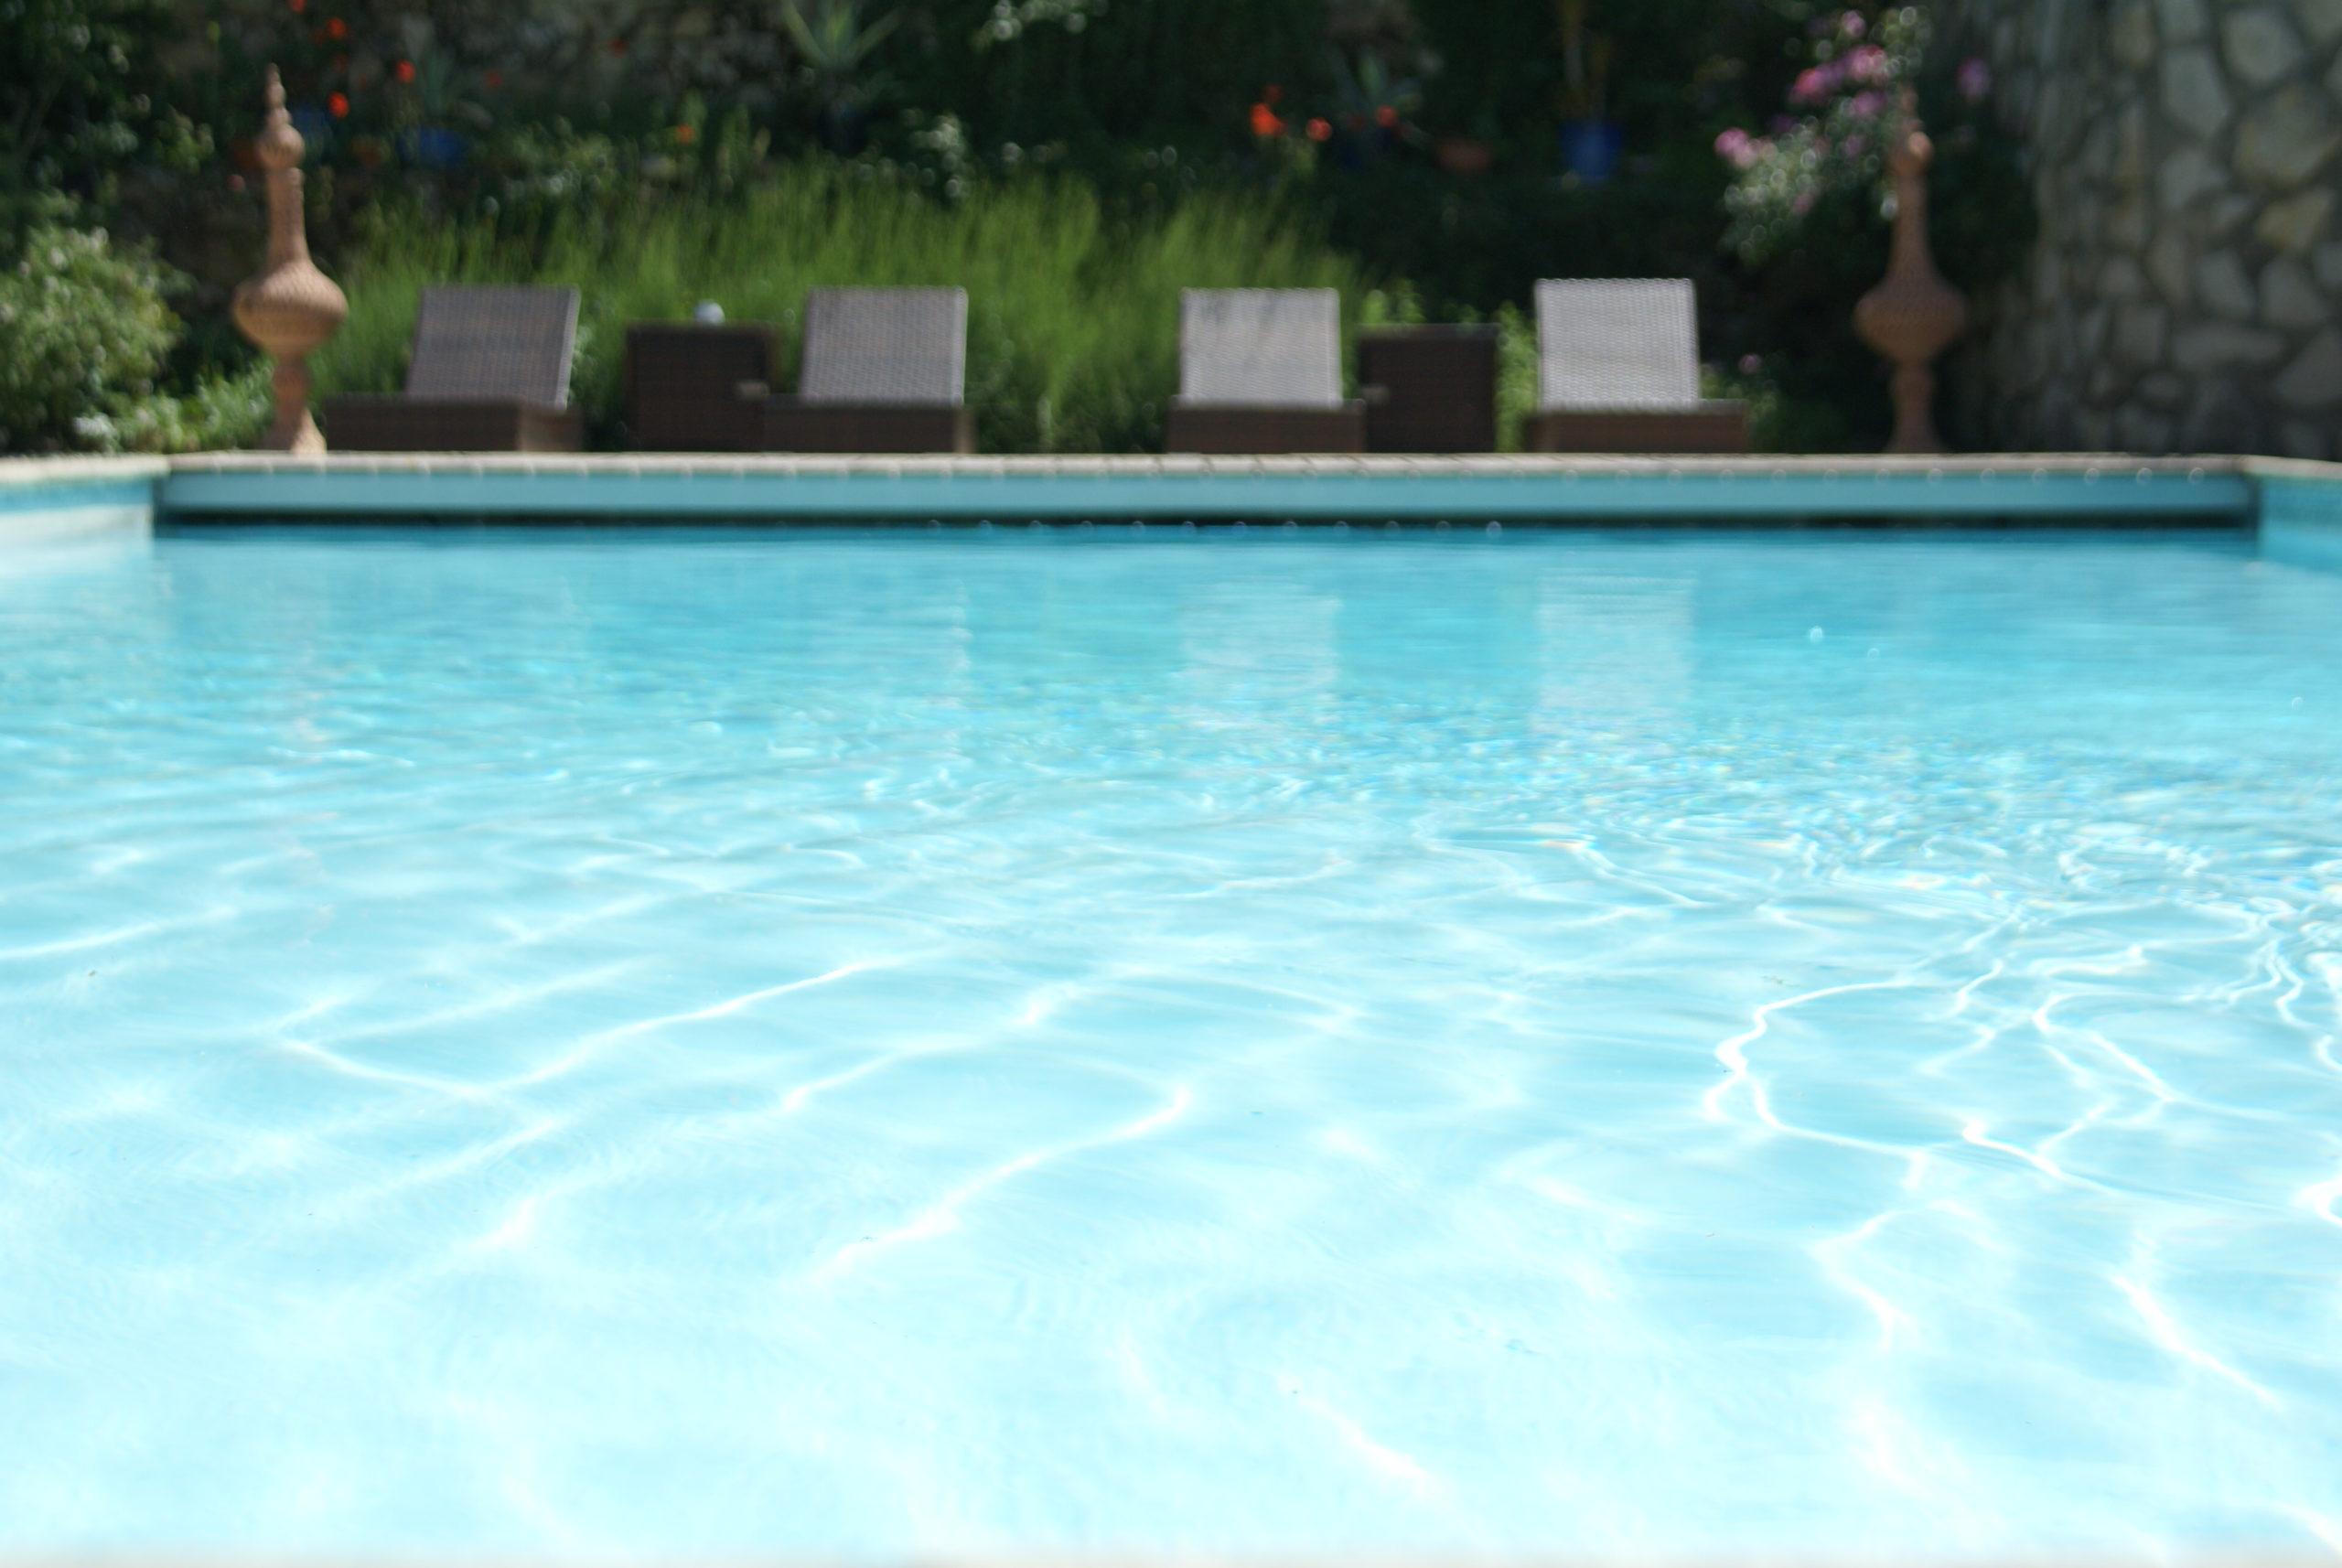 un plongeon dans la piscine